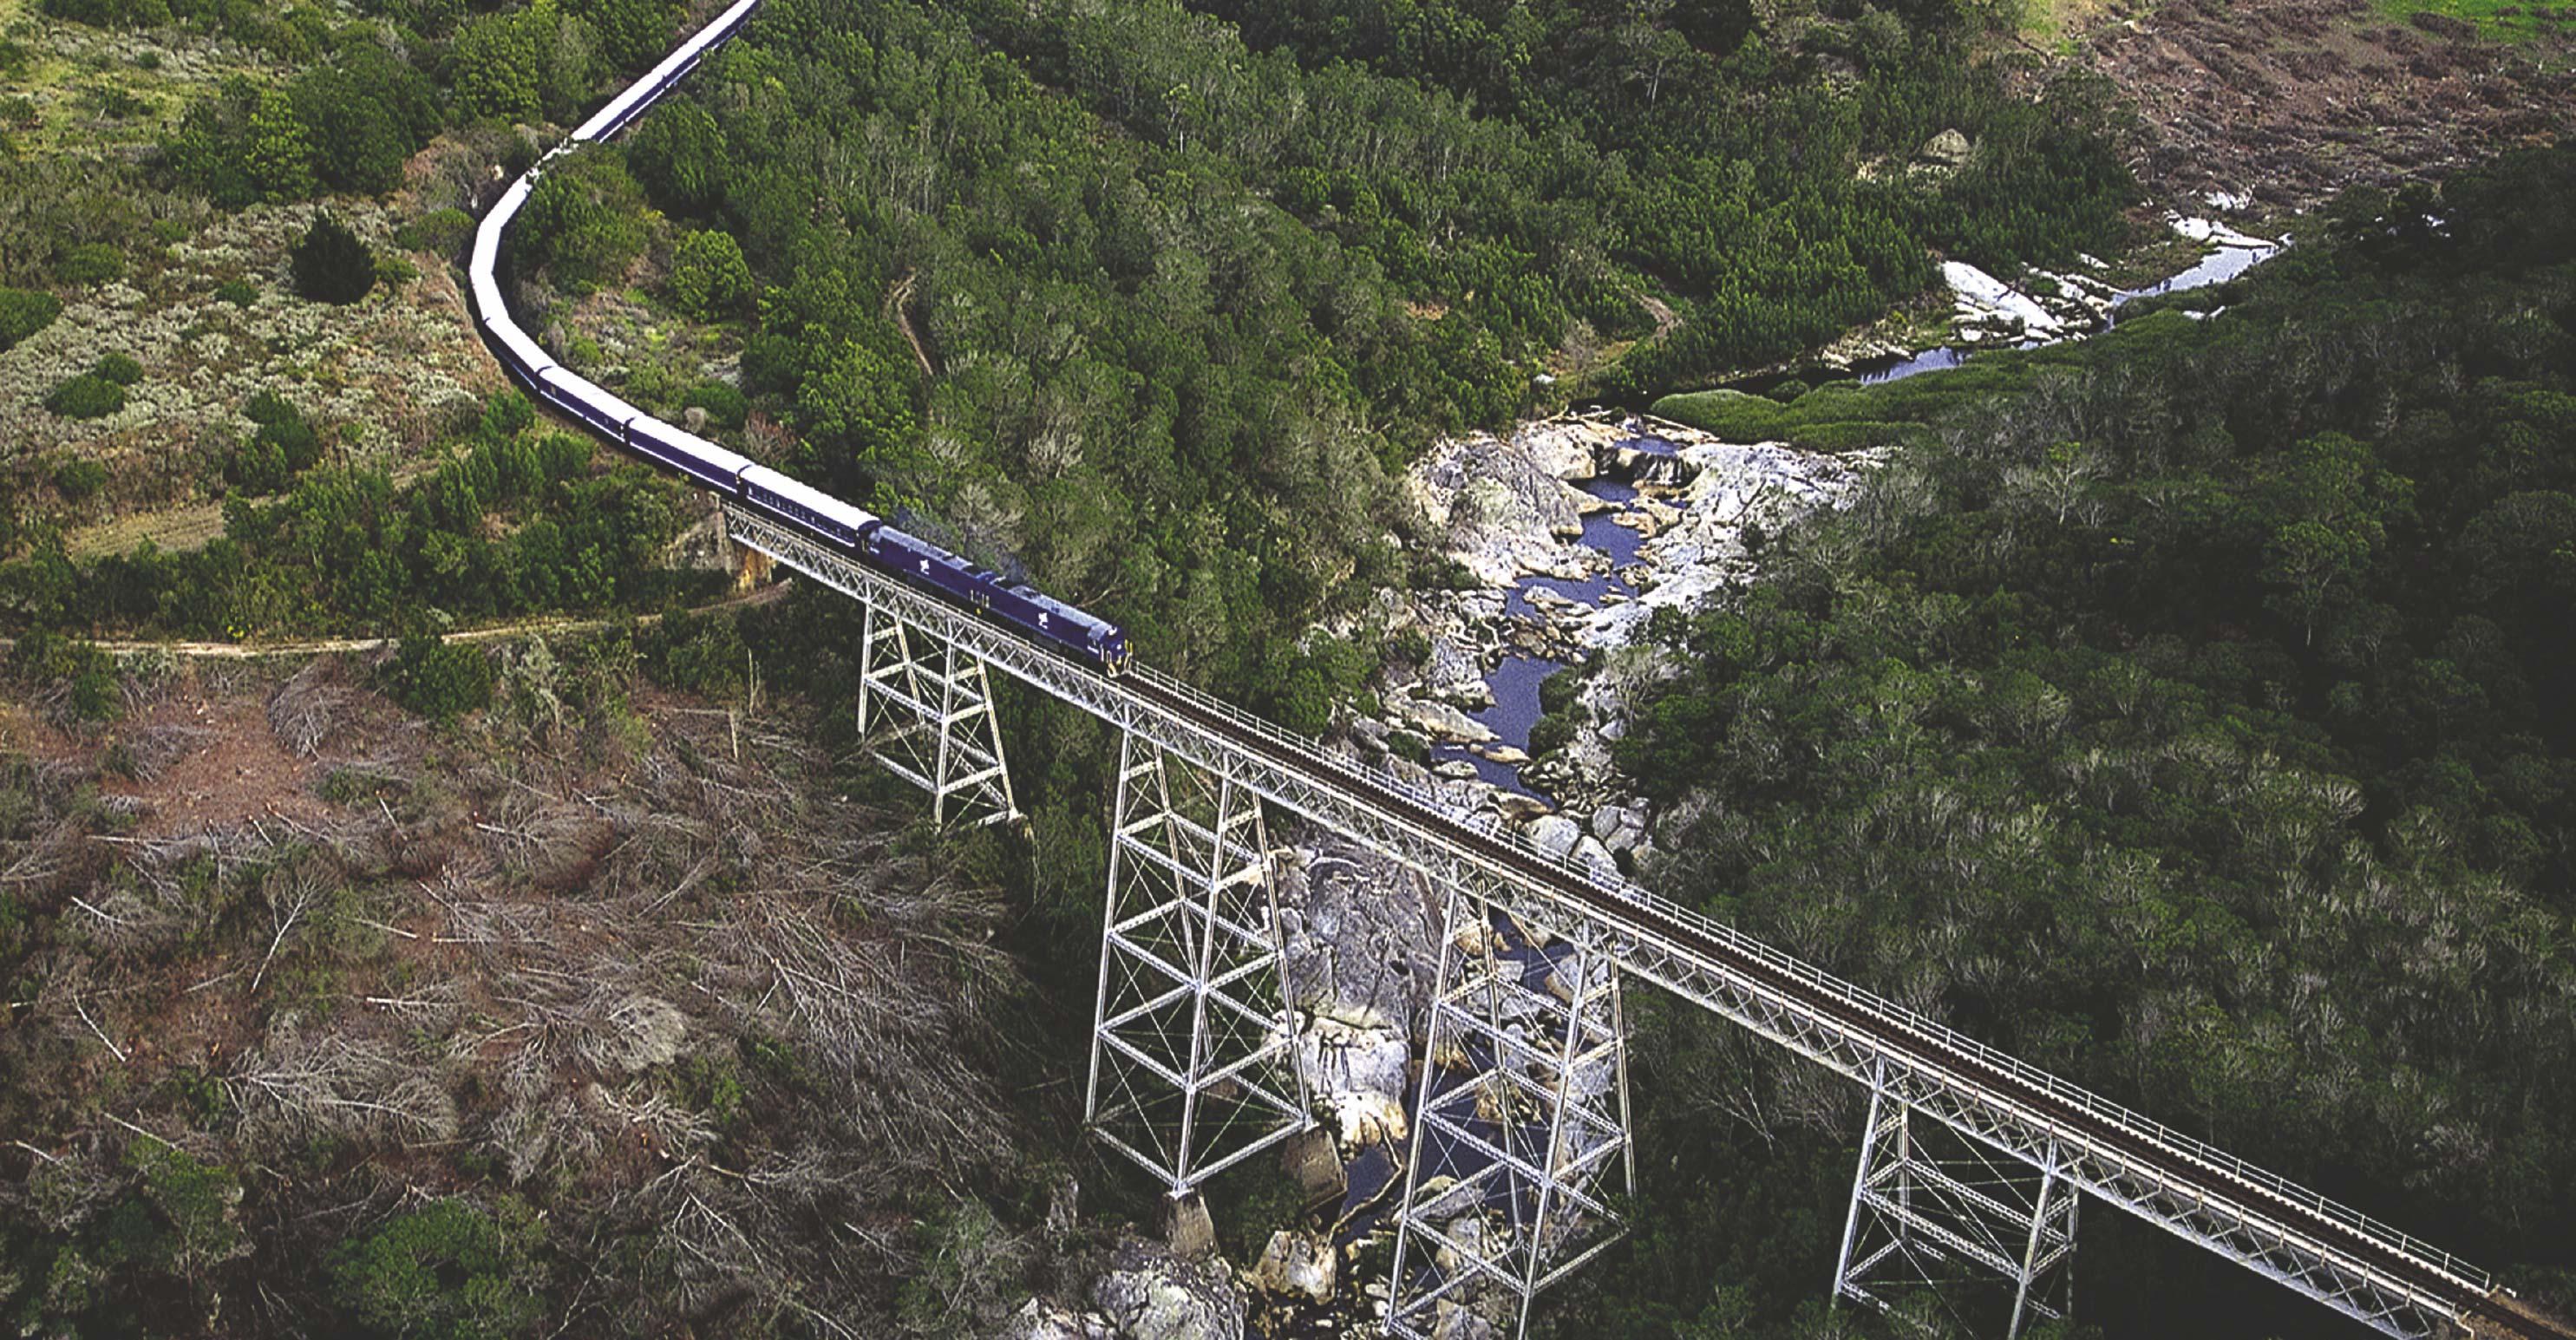 Luxury Rail